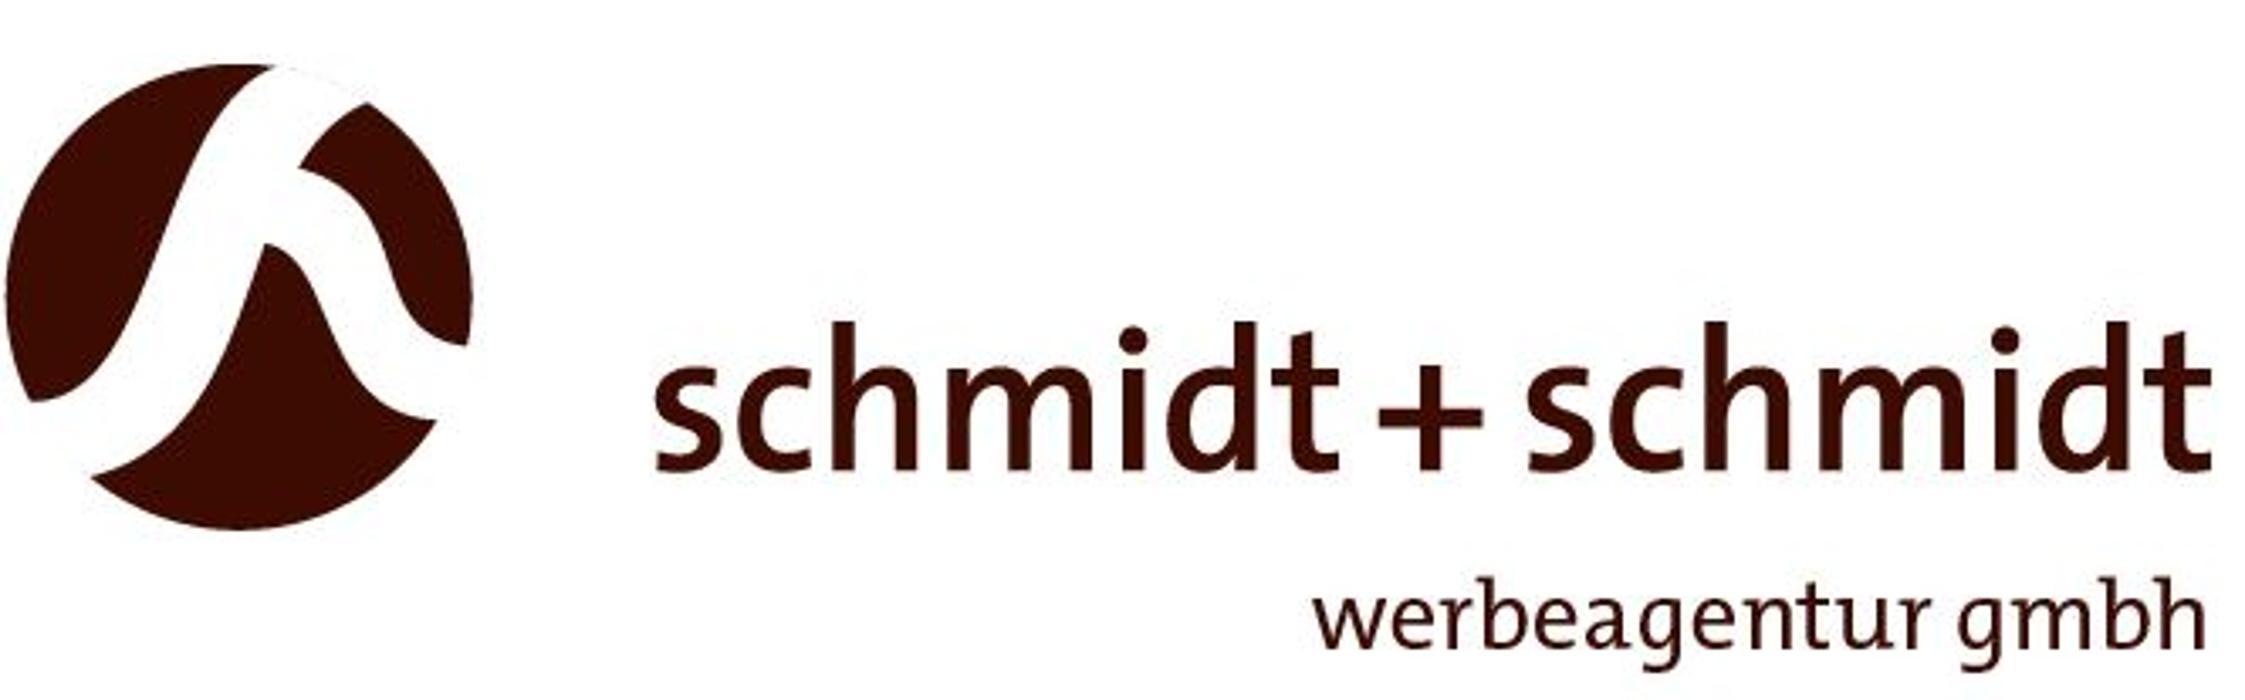 Bild zu schmidt+schmidt werbeagentur gmbh in Fürth in Bayern